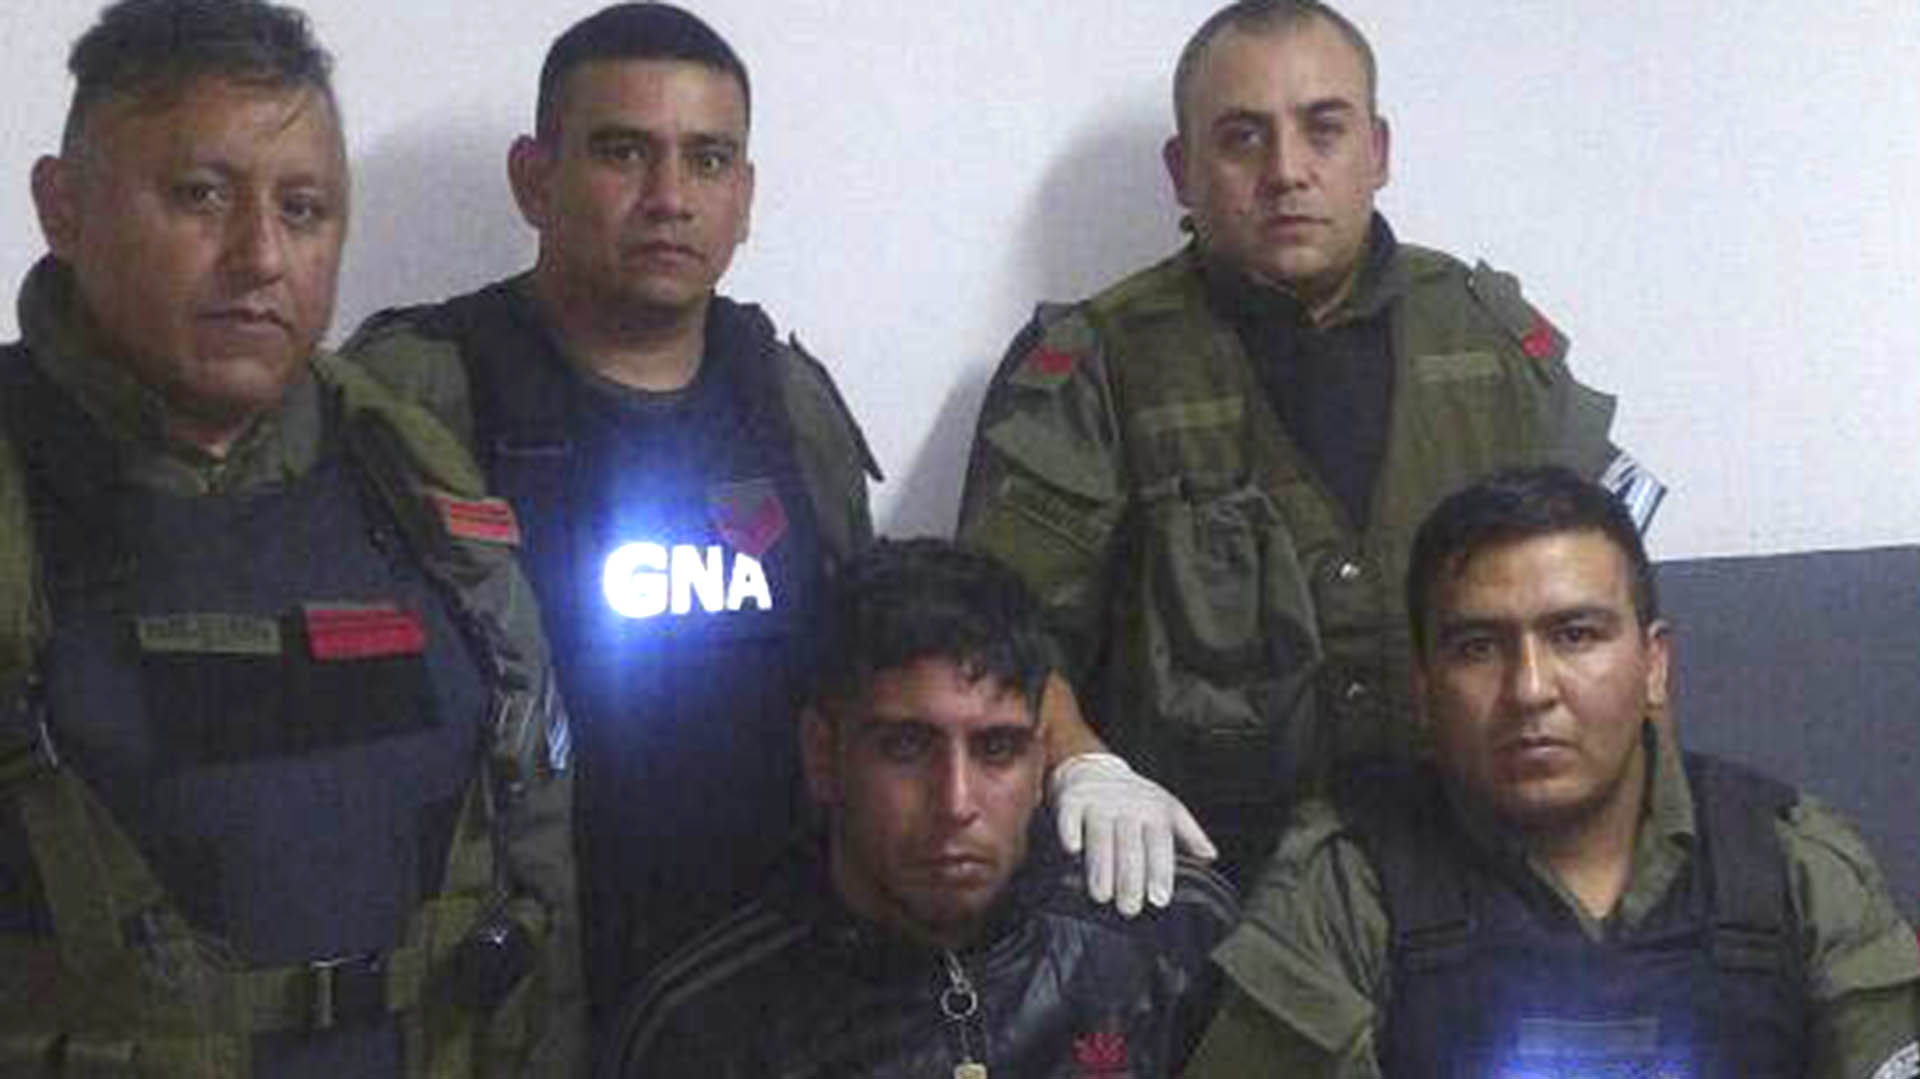 Tras permanecer prófugo Badaracco fue detenido por Gendarmería en cercanías de la villa 1.11.14 (NA)